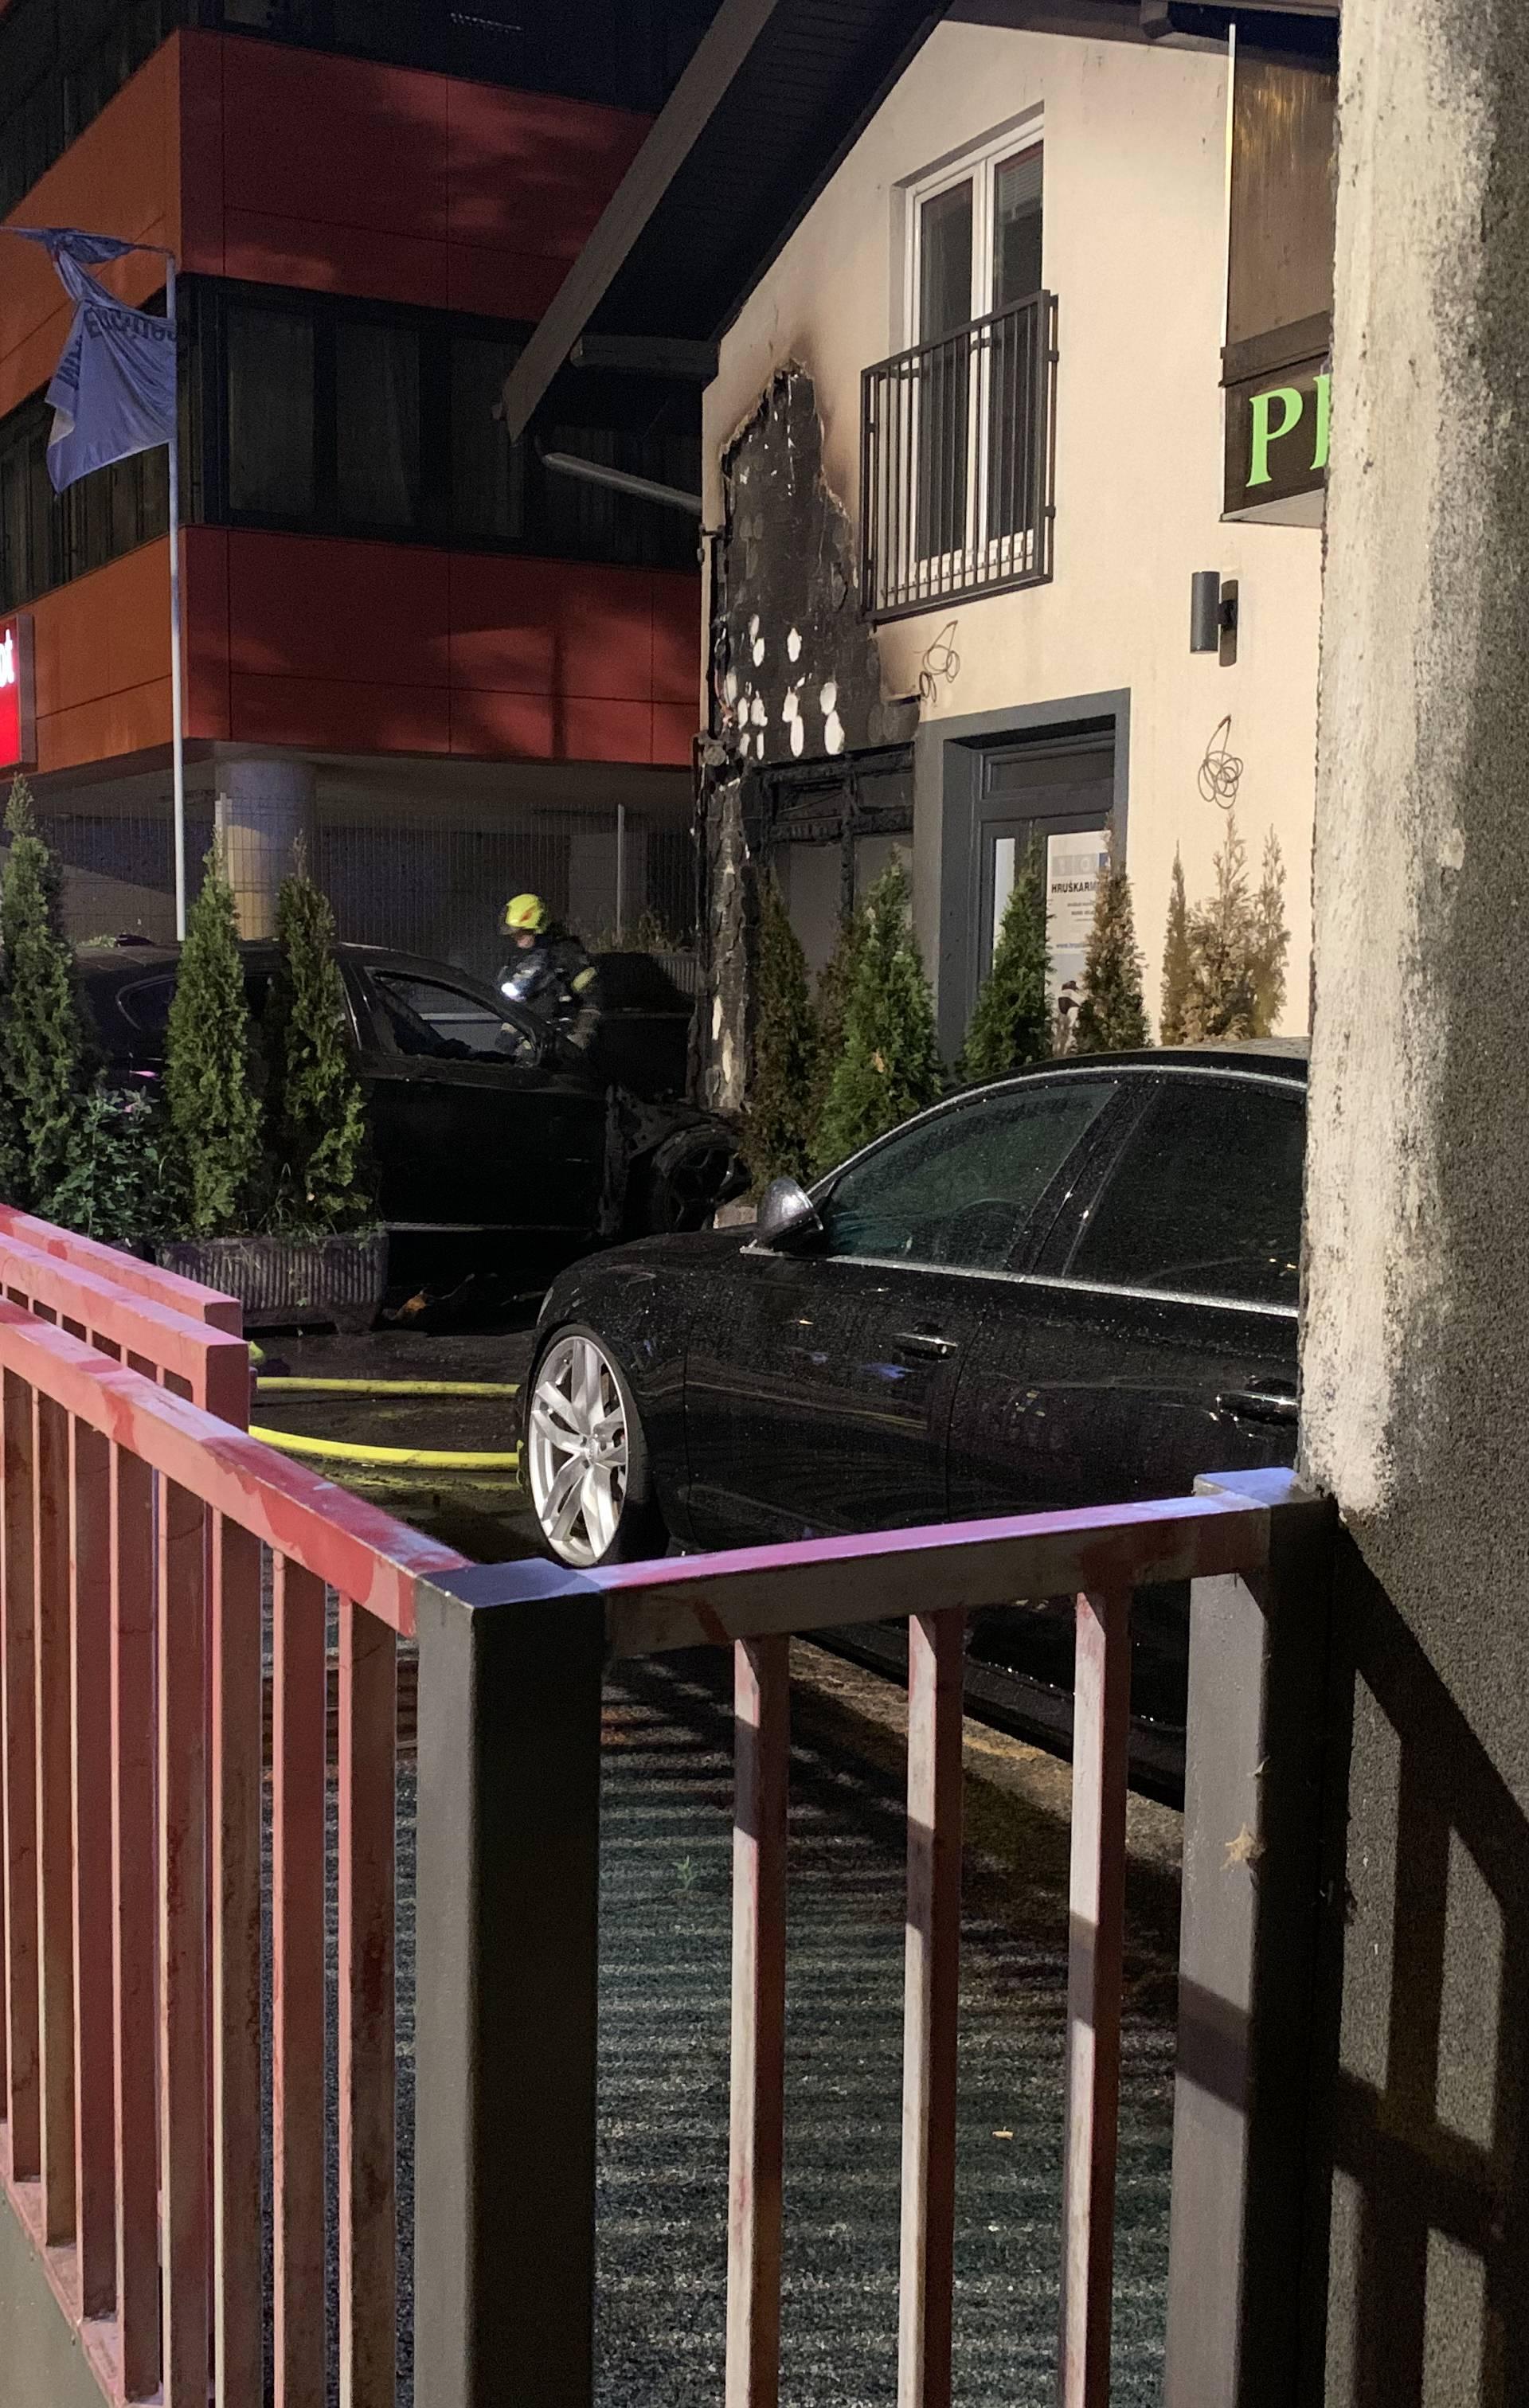 Utvrdili da je BMW namjerno zapaljen, počinitelja još traže